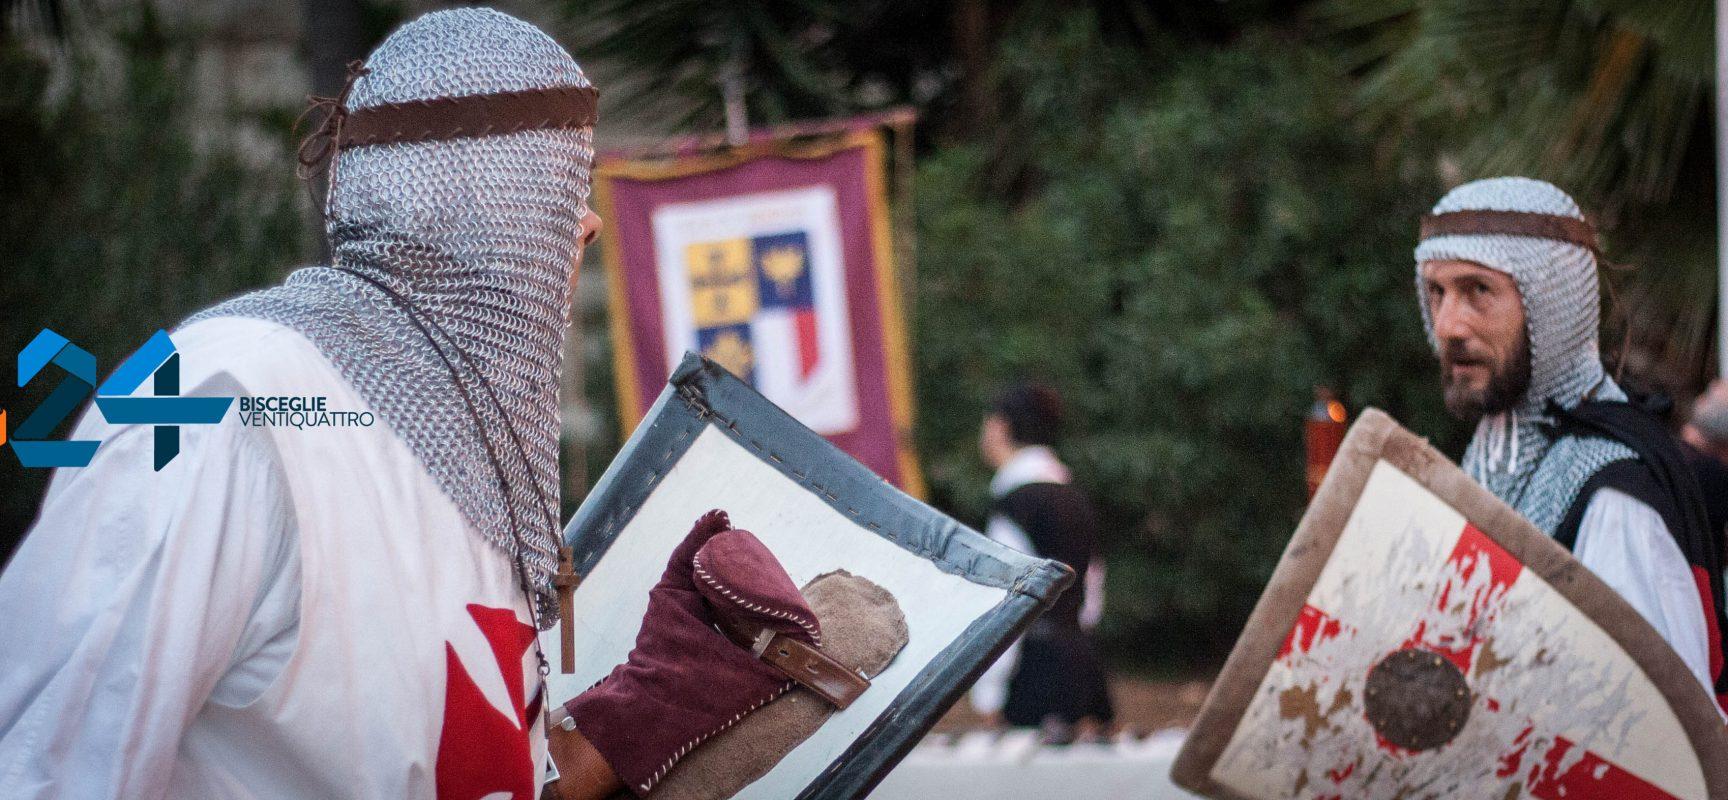 """""""Un salto nel Medioevo"""", strepitoso successo per l'evento targato Melphicta nel passato / FOTO"""